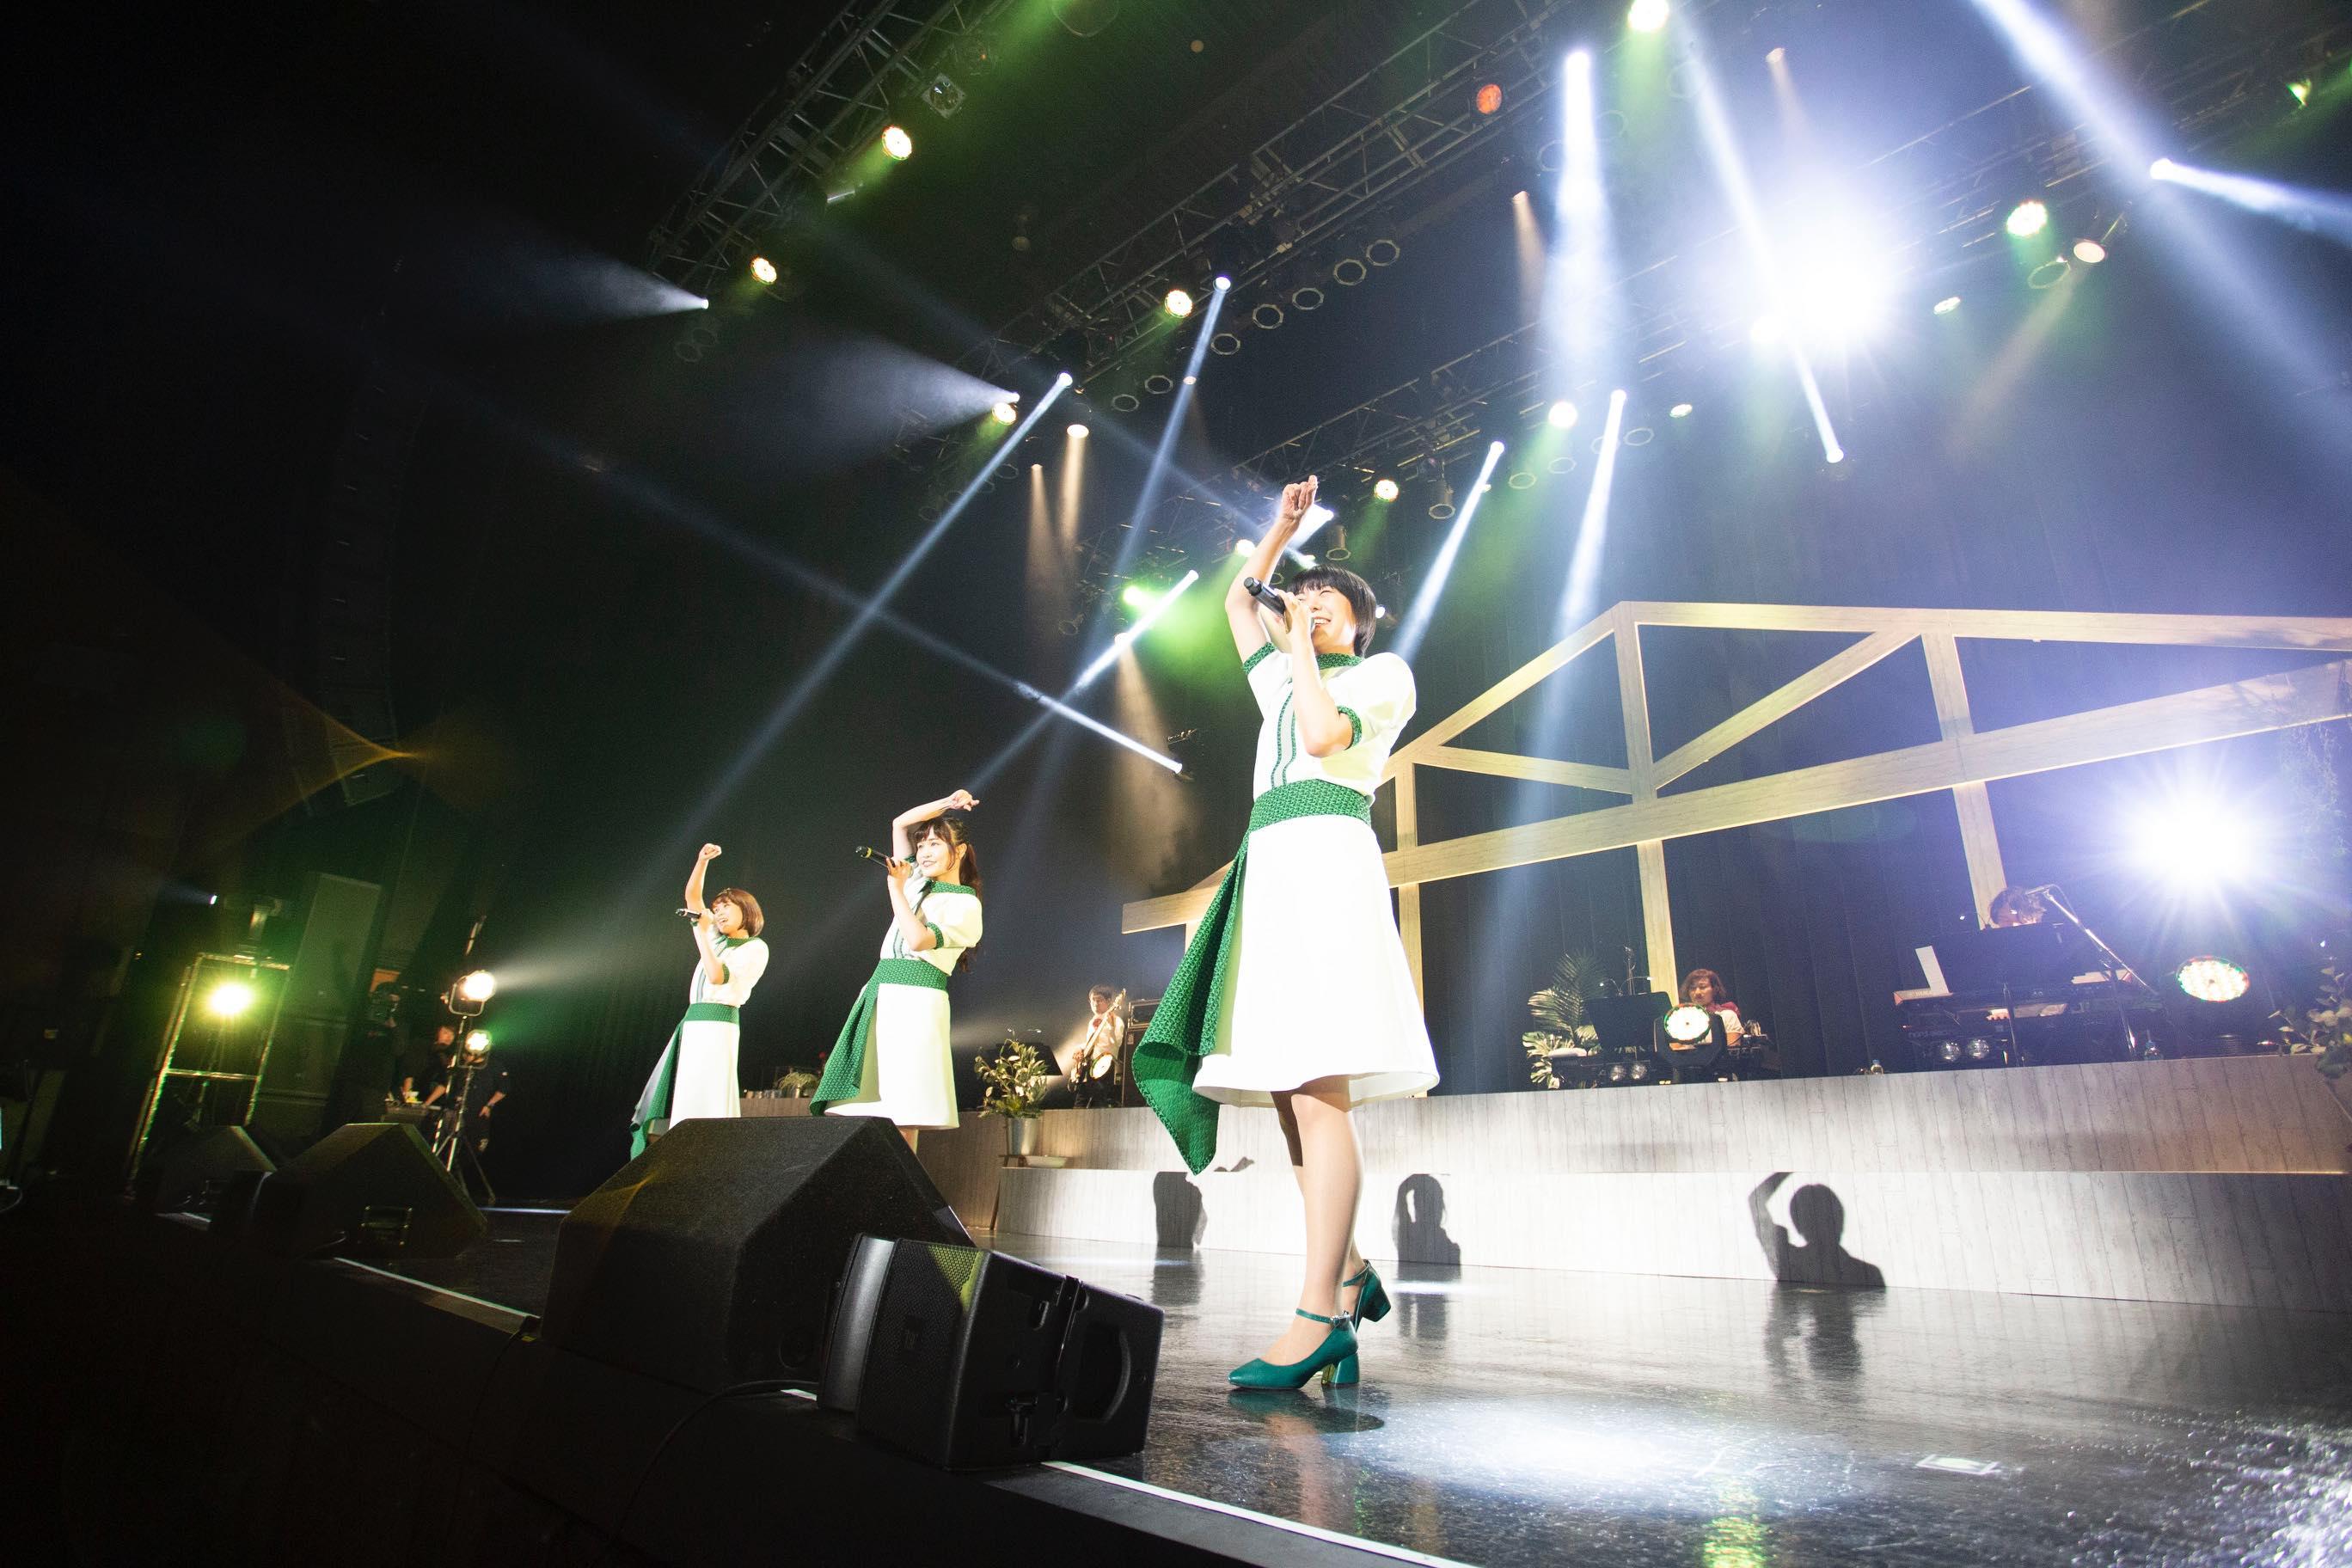 私立恵比寿中学・Negiccoの魅力がバンドで盛り盛り!「エビネギ2」レポート【写真9枚】の画像002